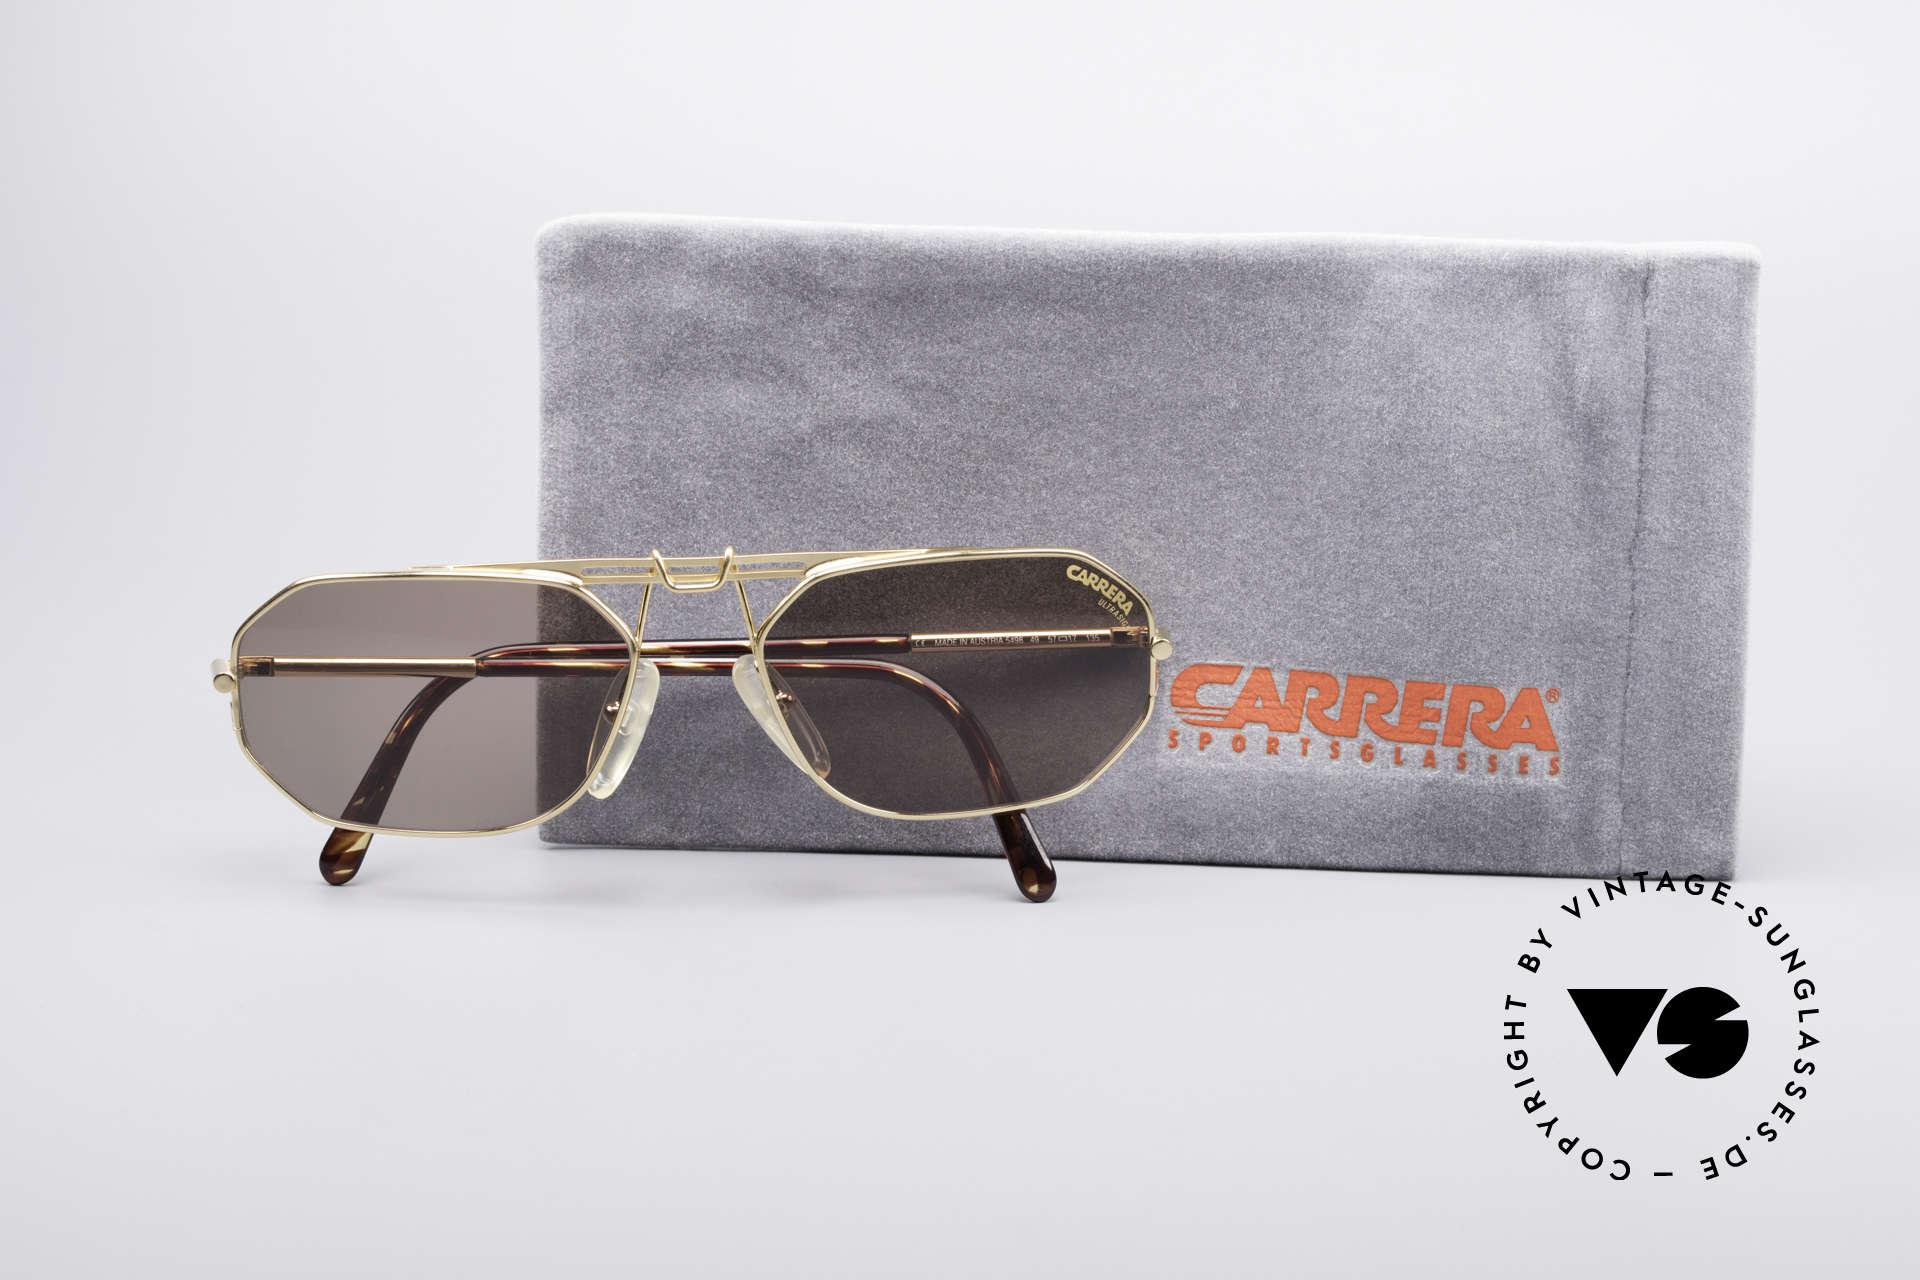 ba65c0579638c Sunglasses Carrera 5498 90 s Designer Shades